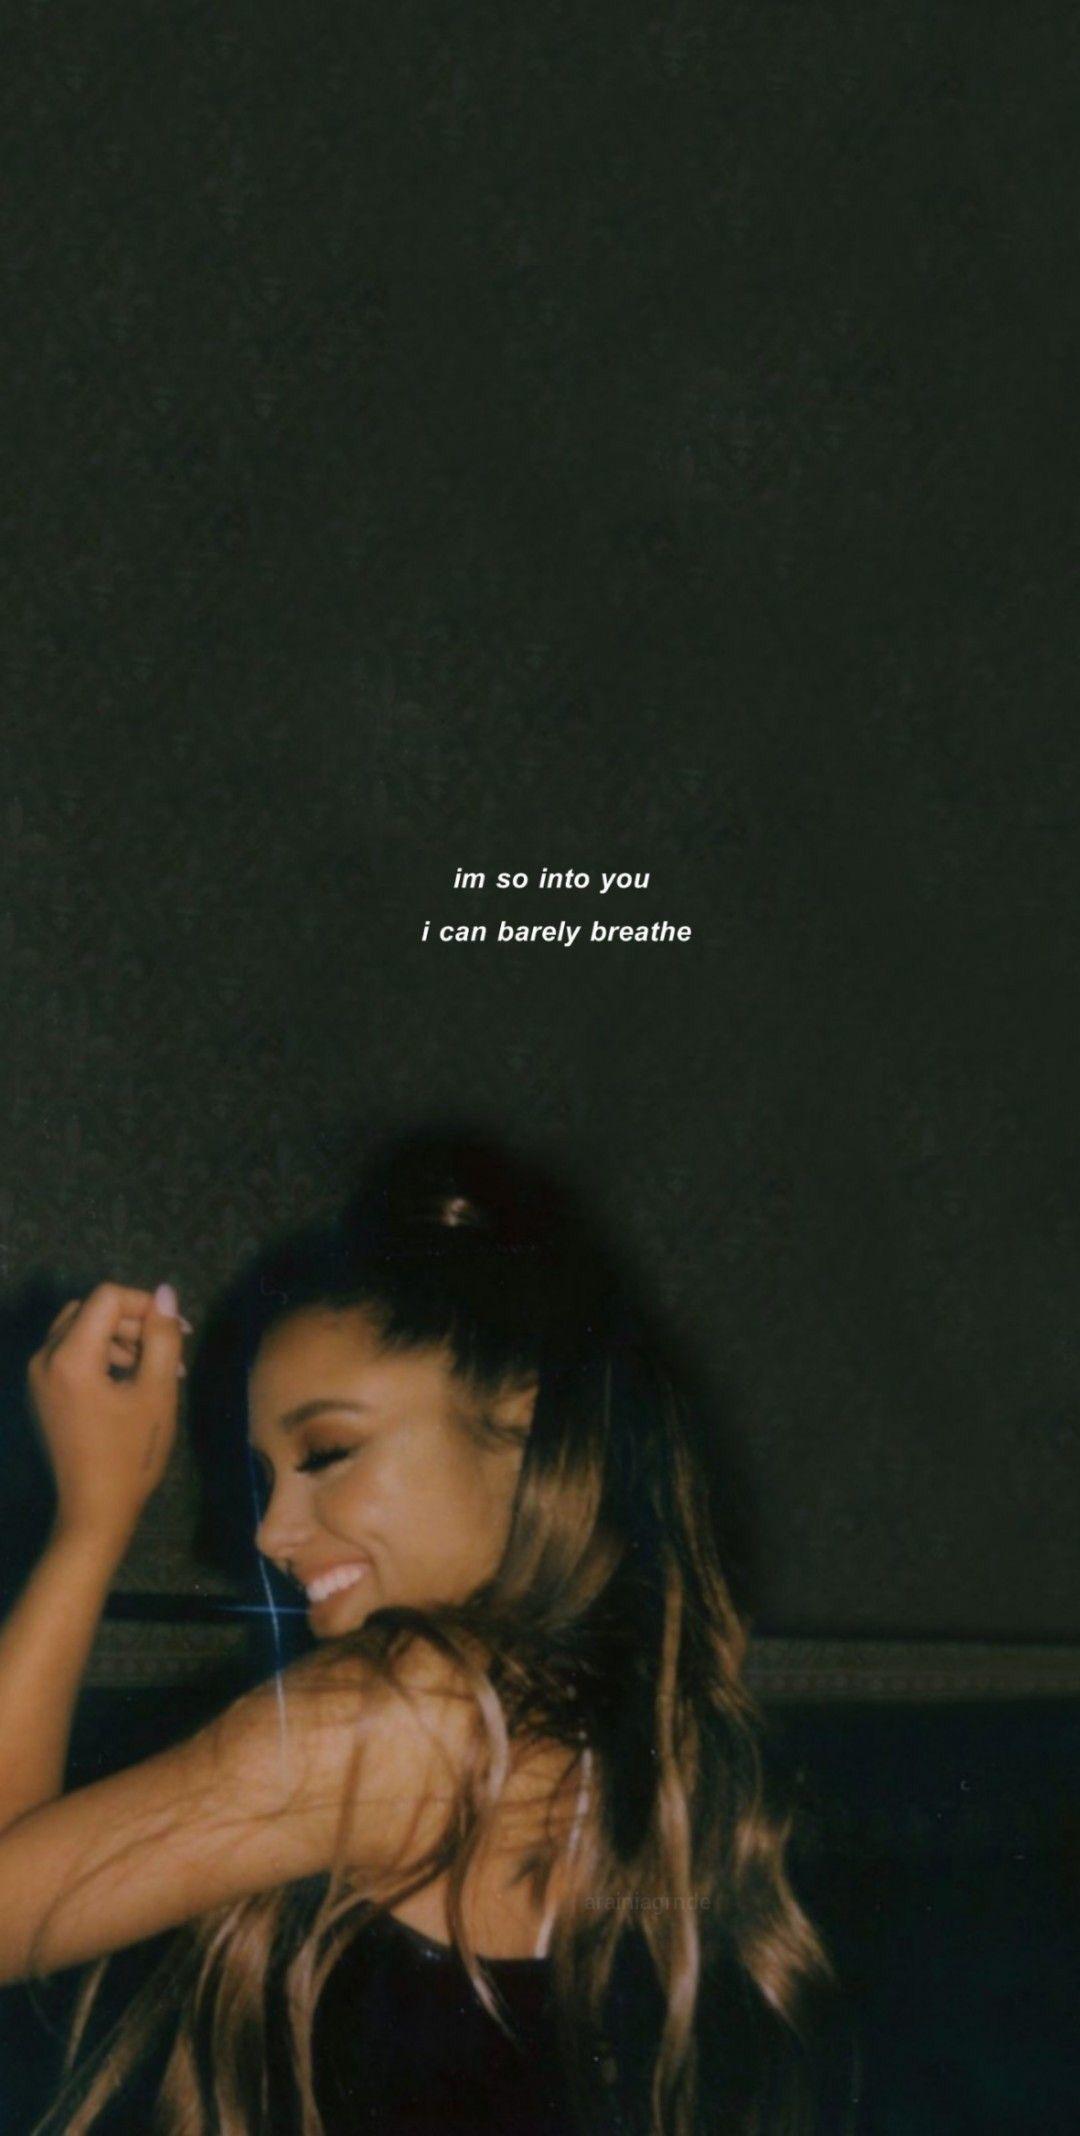 Ariana Ариана гранде, Фотографии профиля, Винтажные плакаты